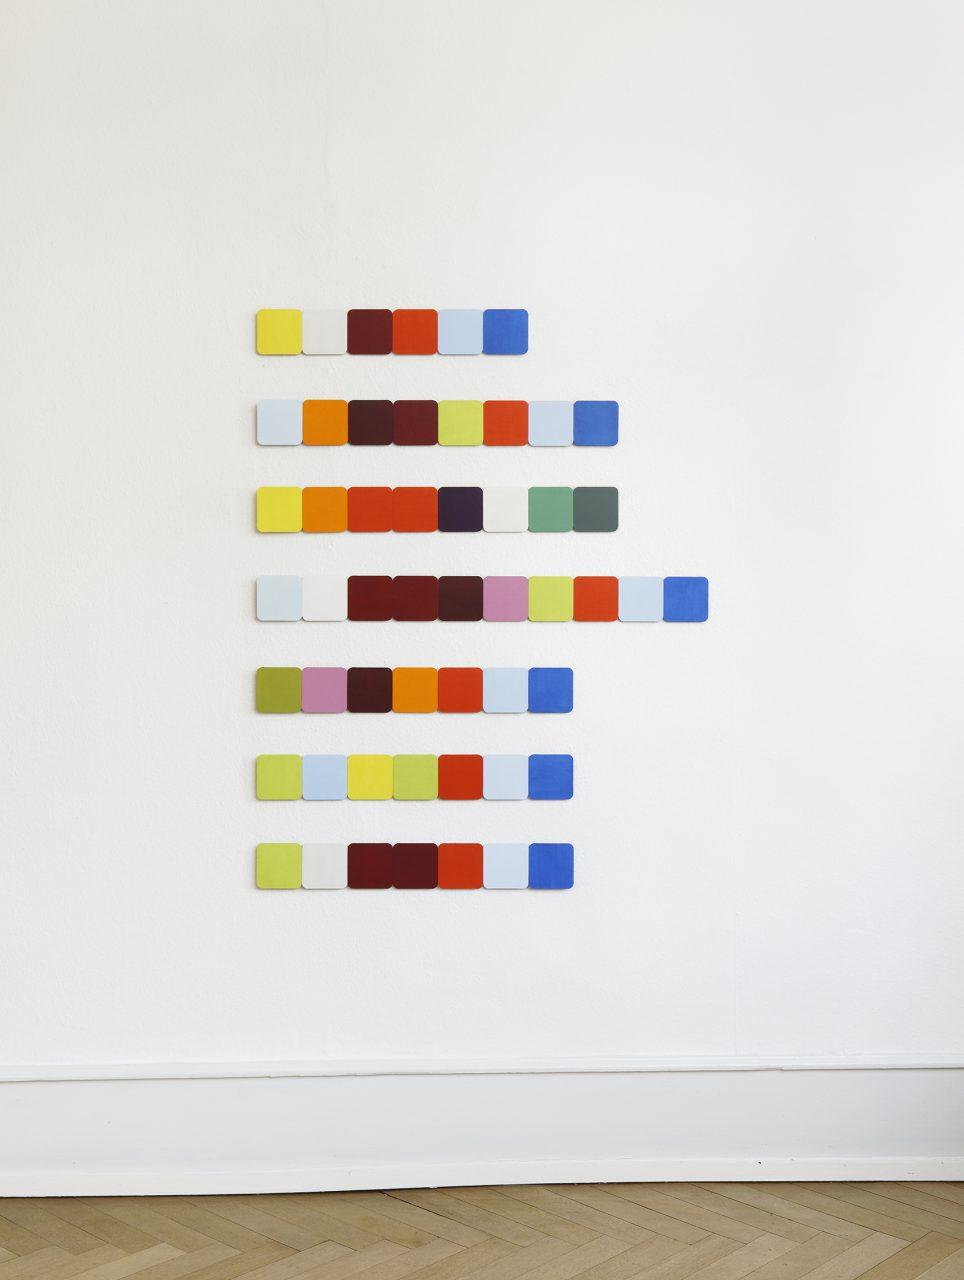 heute | 12 songs, Galerie G, Freiburg, Germany, 2018